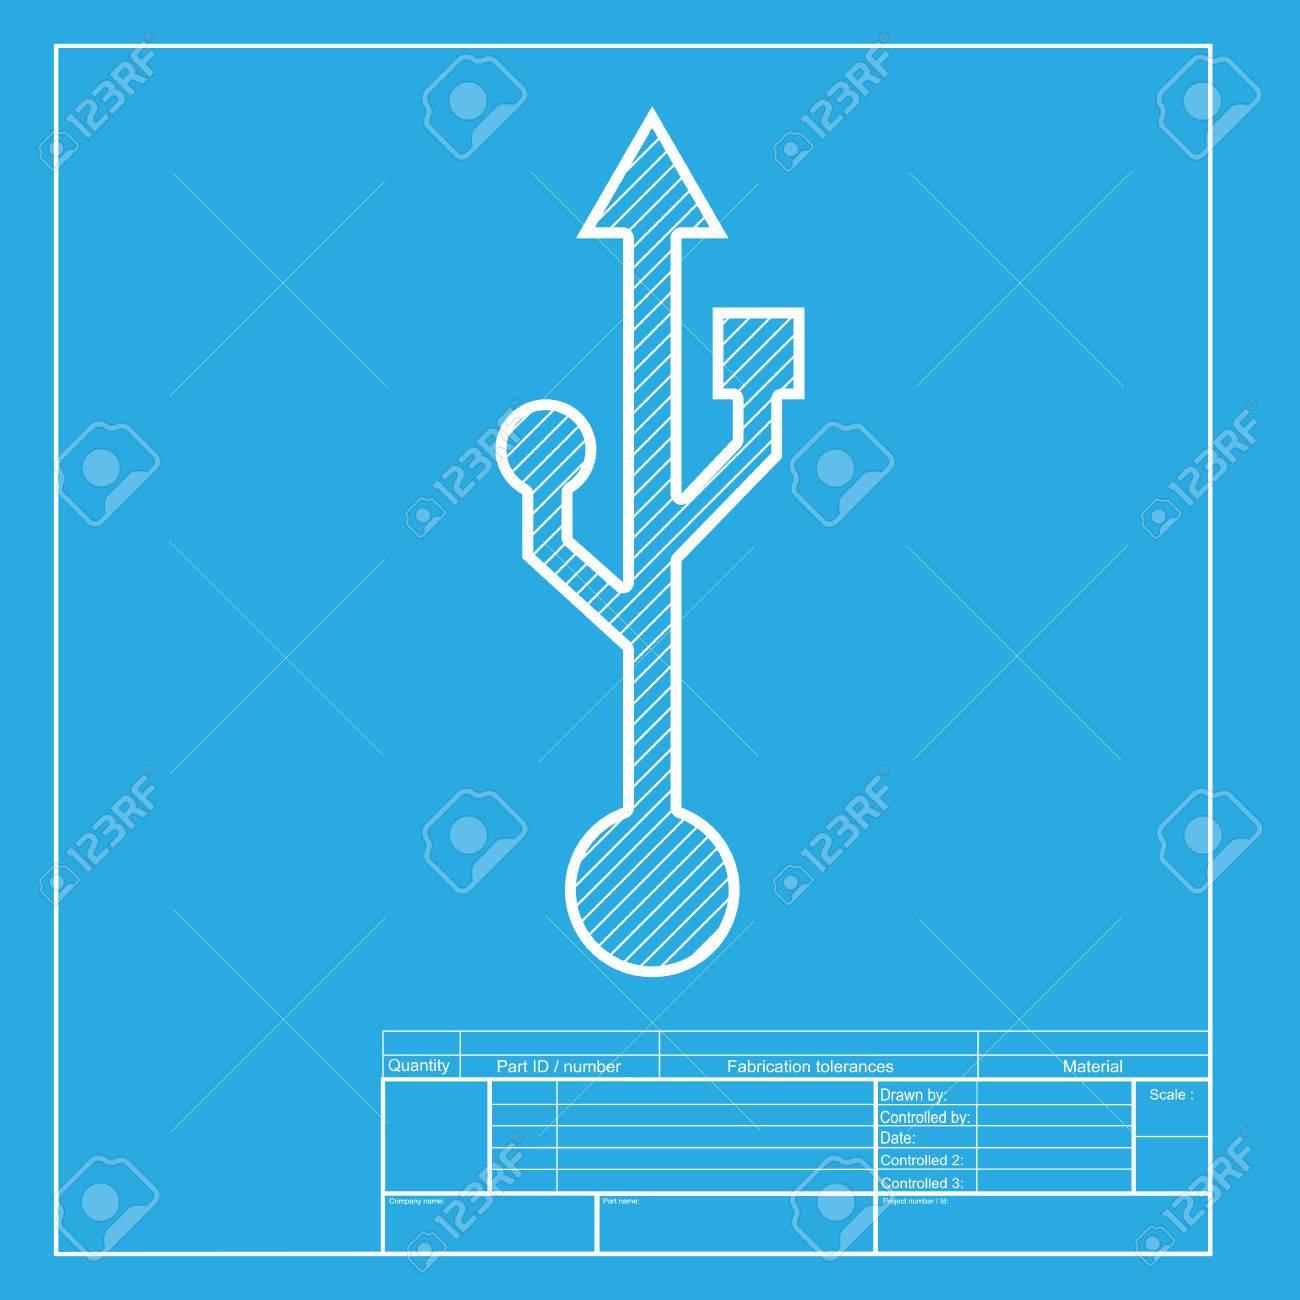 USB-Zeichenabbildung. Weißer Abschnitt Des Symbols Auf Blaupause ...